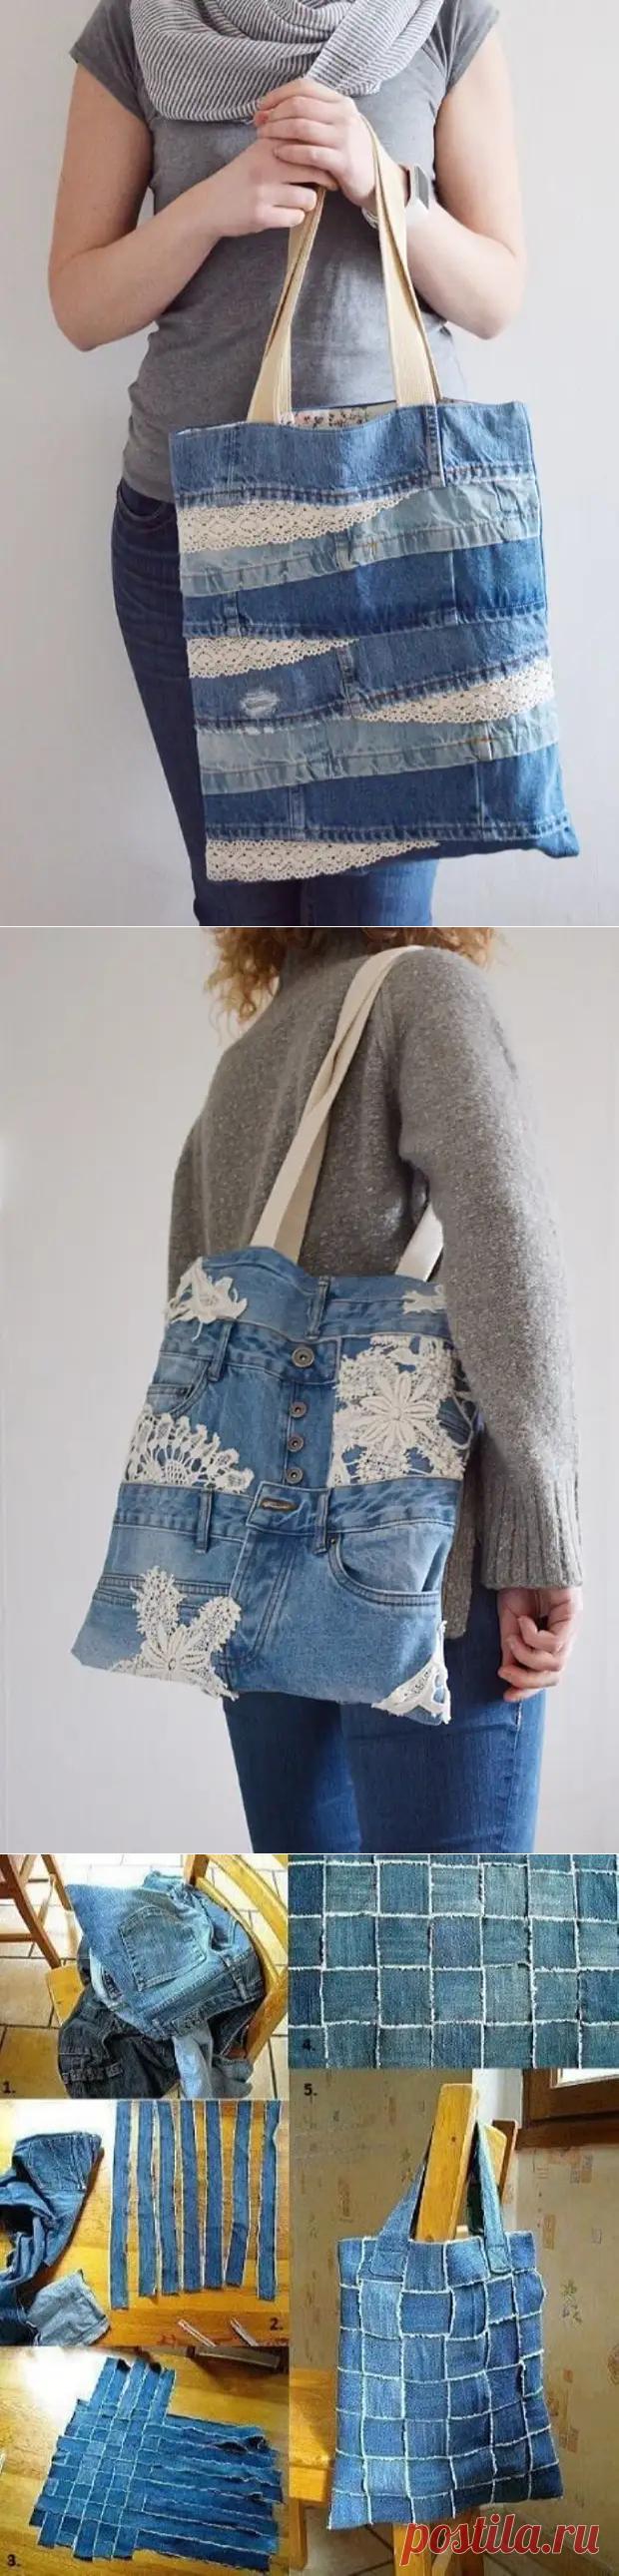 Что еще можно сделать из старых джинсов: 20+ креативных идей - Уголок хозяйки - медиаплатформа МирТесен